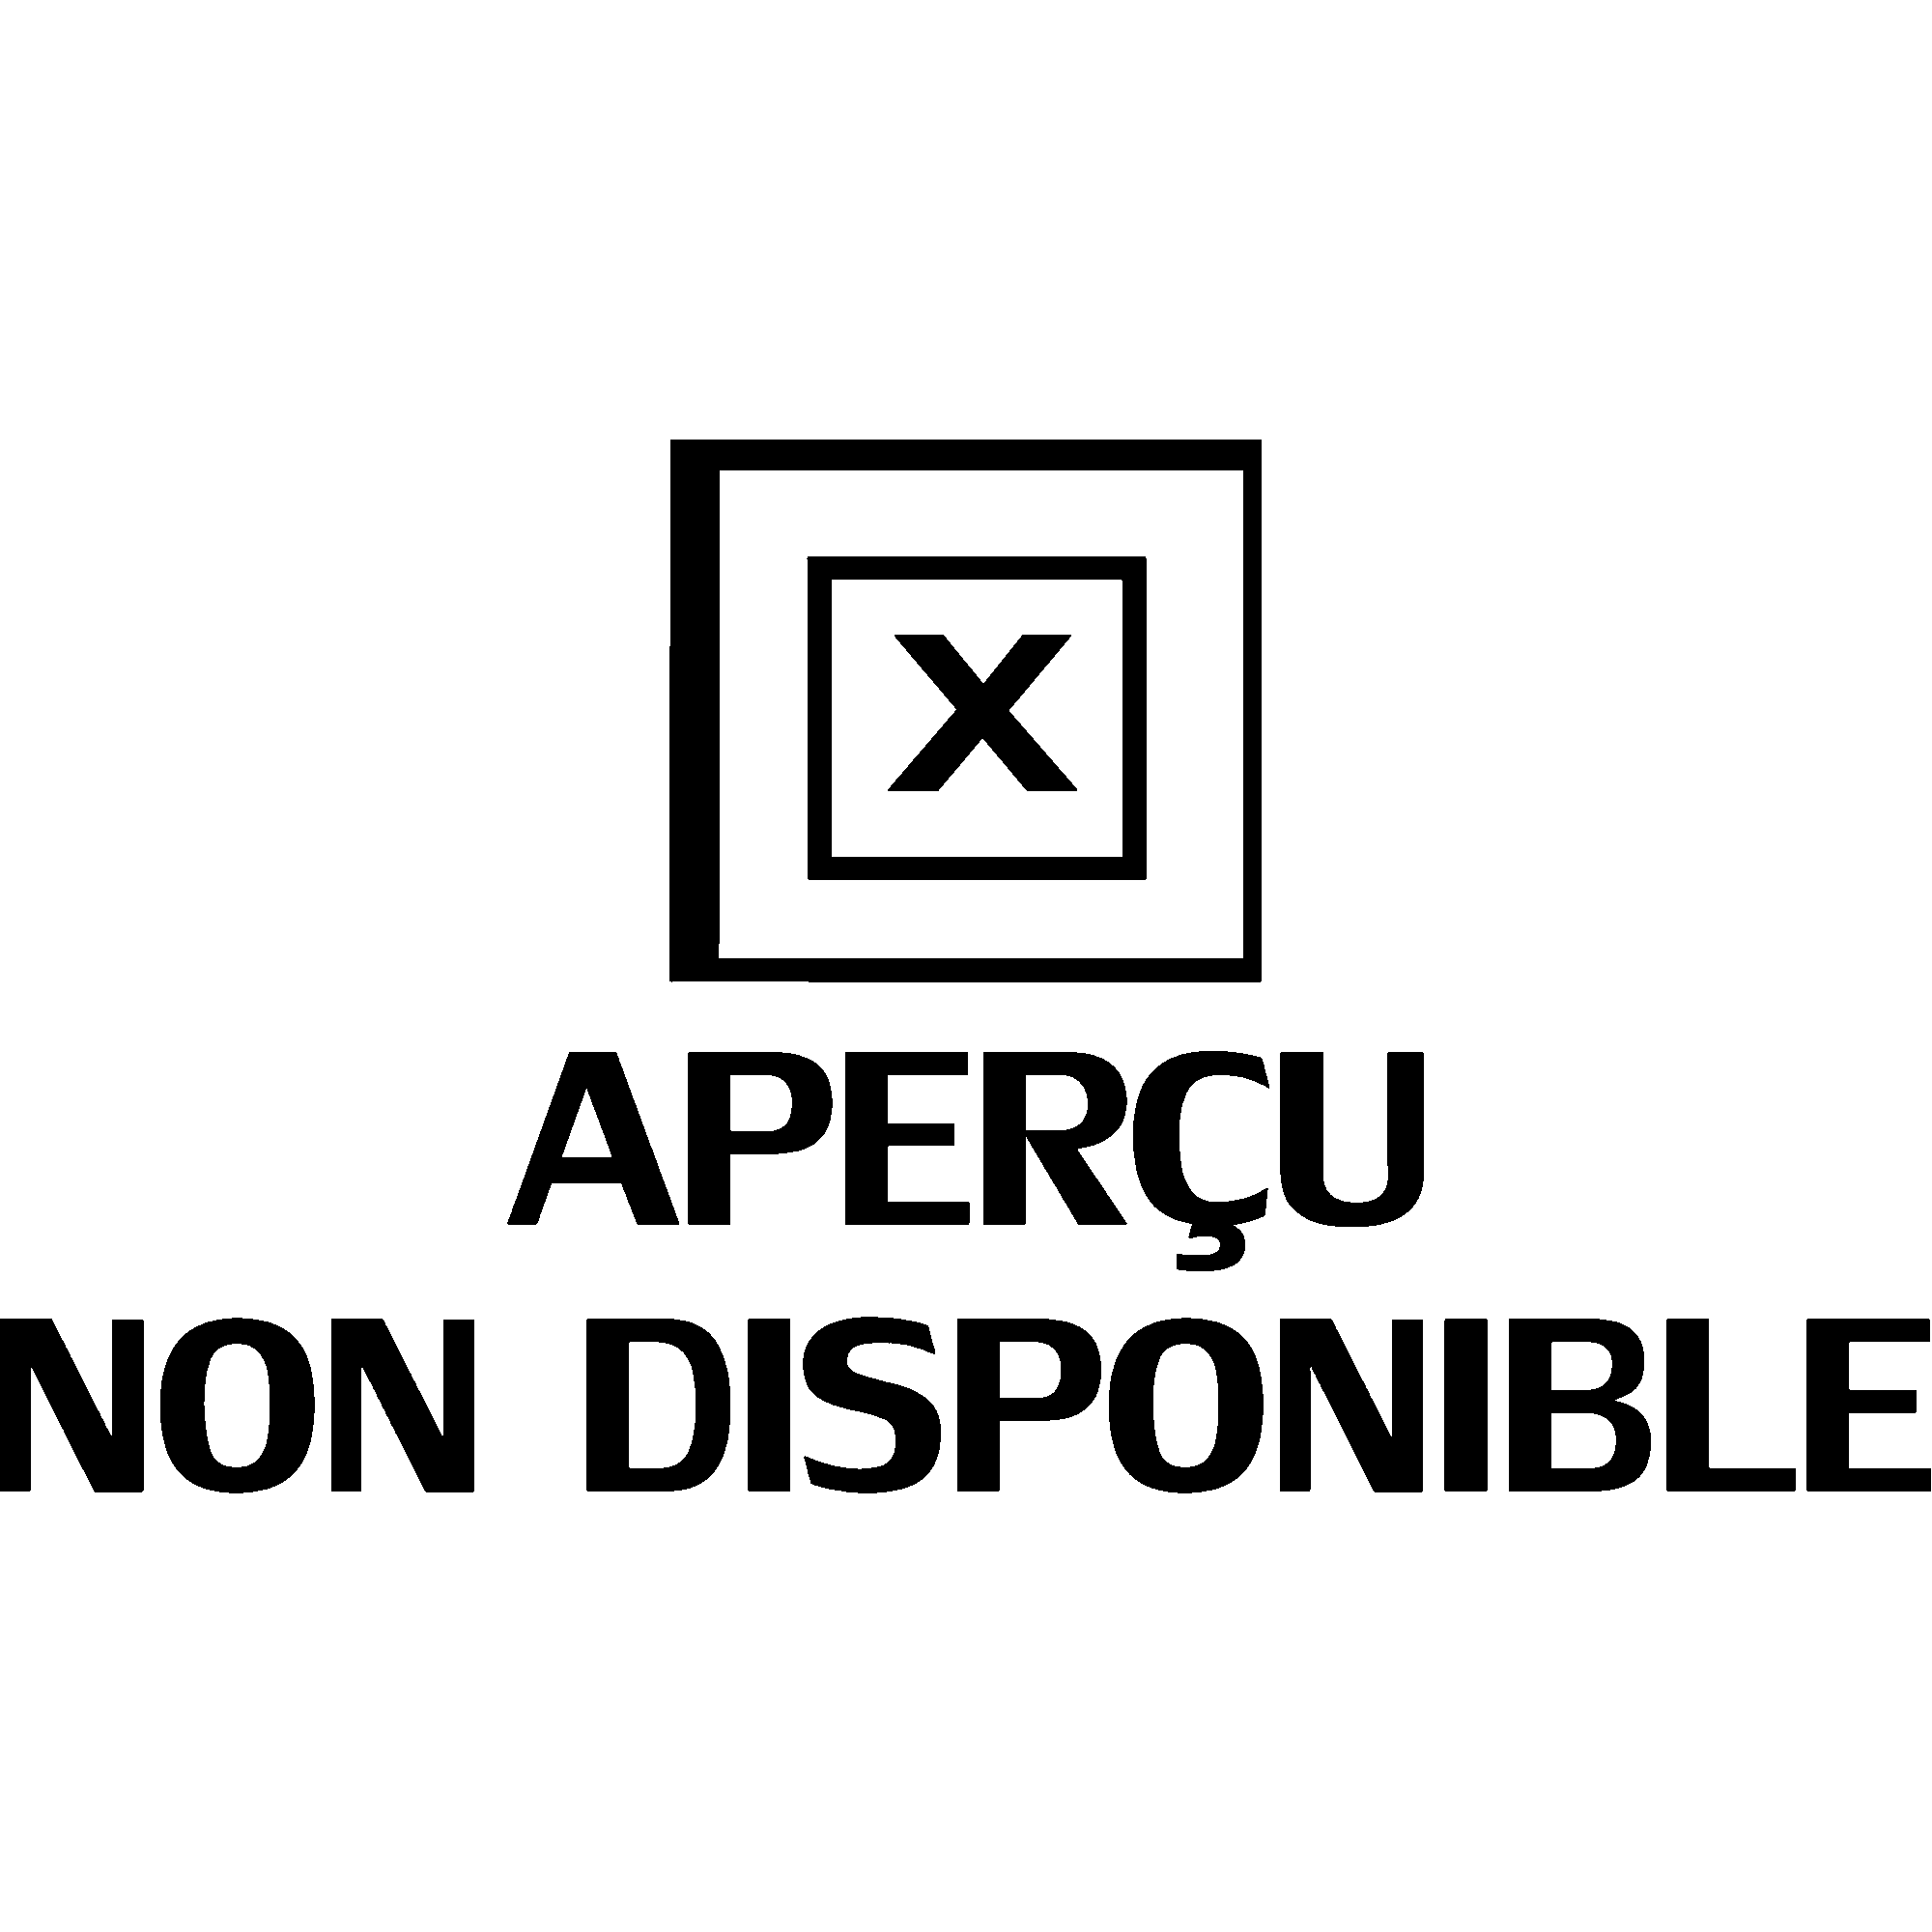 Sticker Aper§u non disponible – Stickers Chambre Ado Gar§on